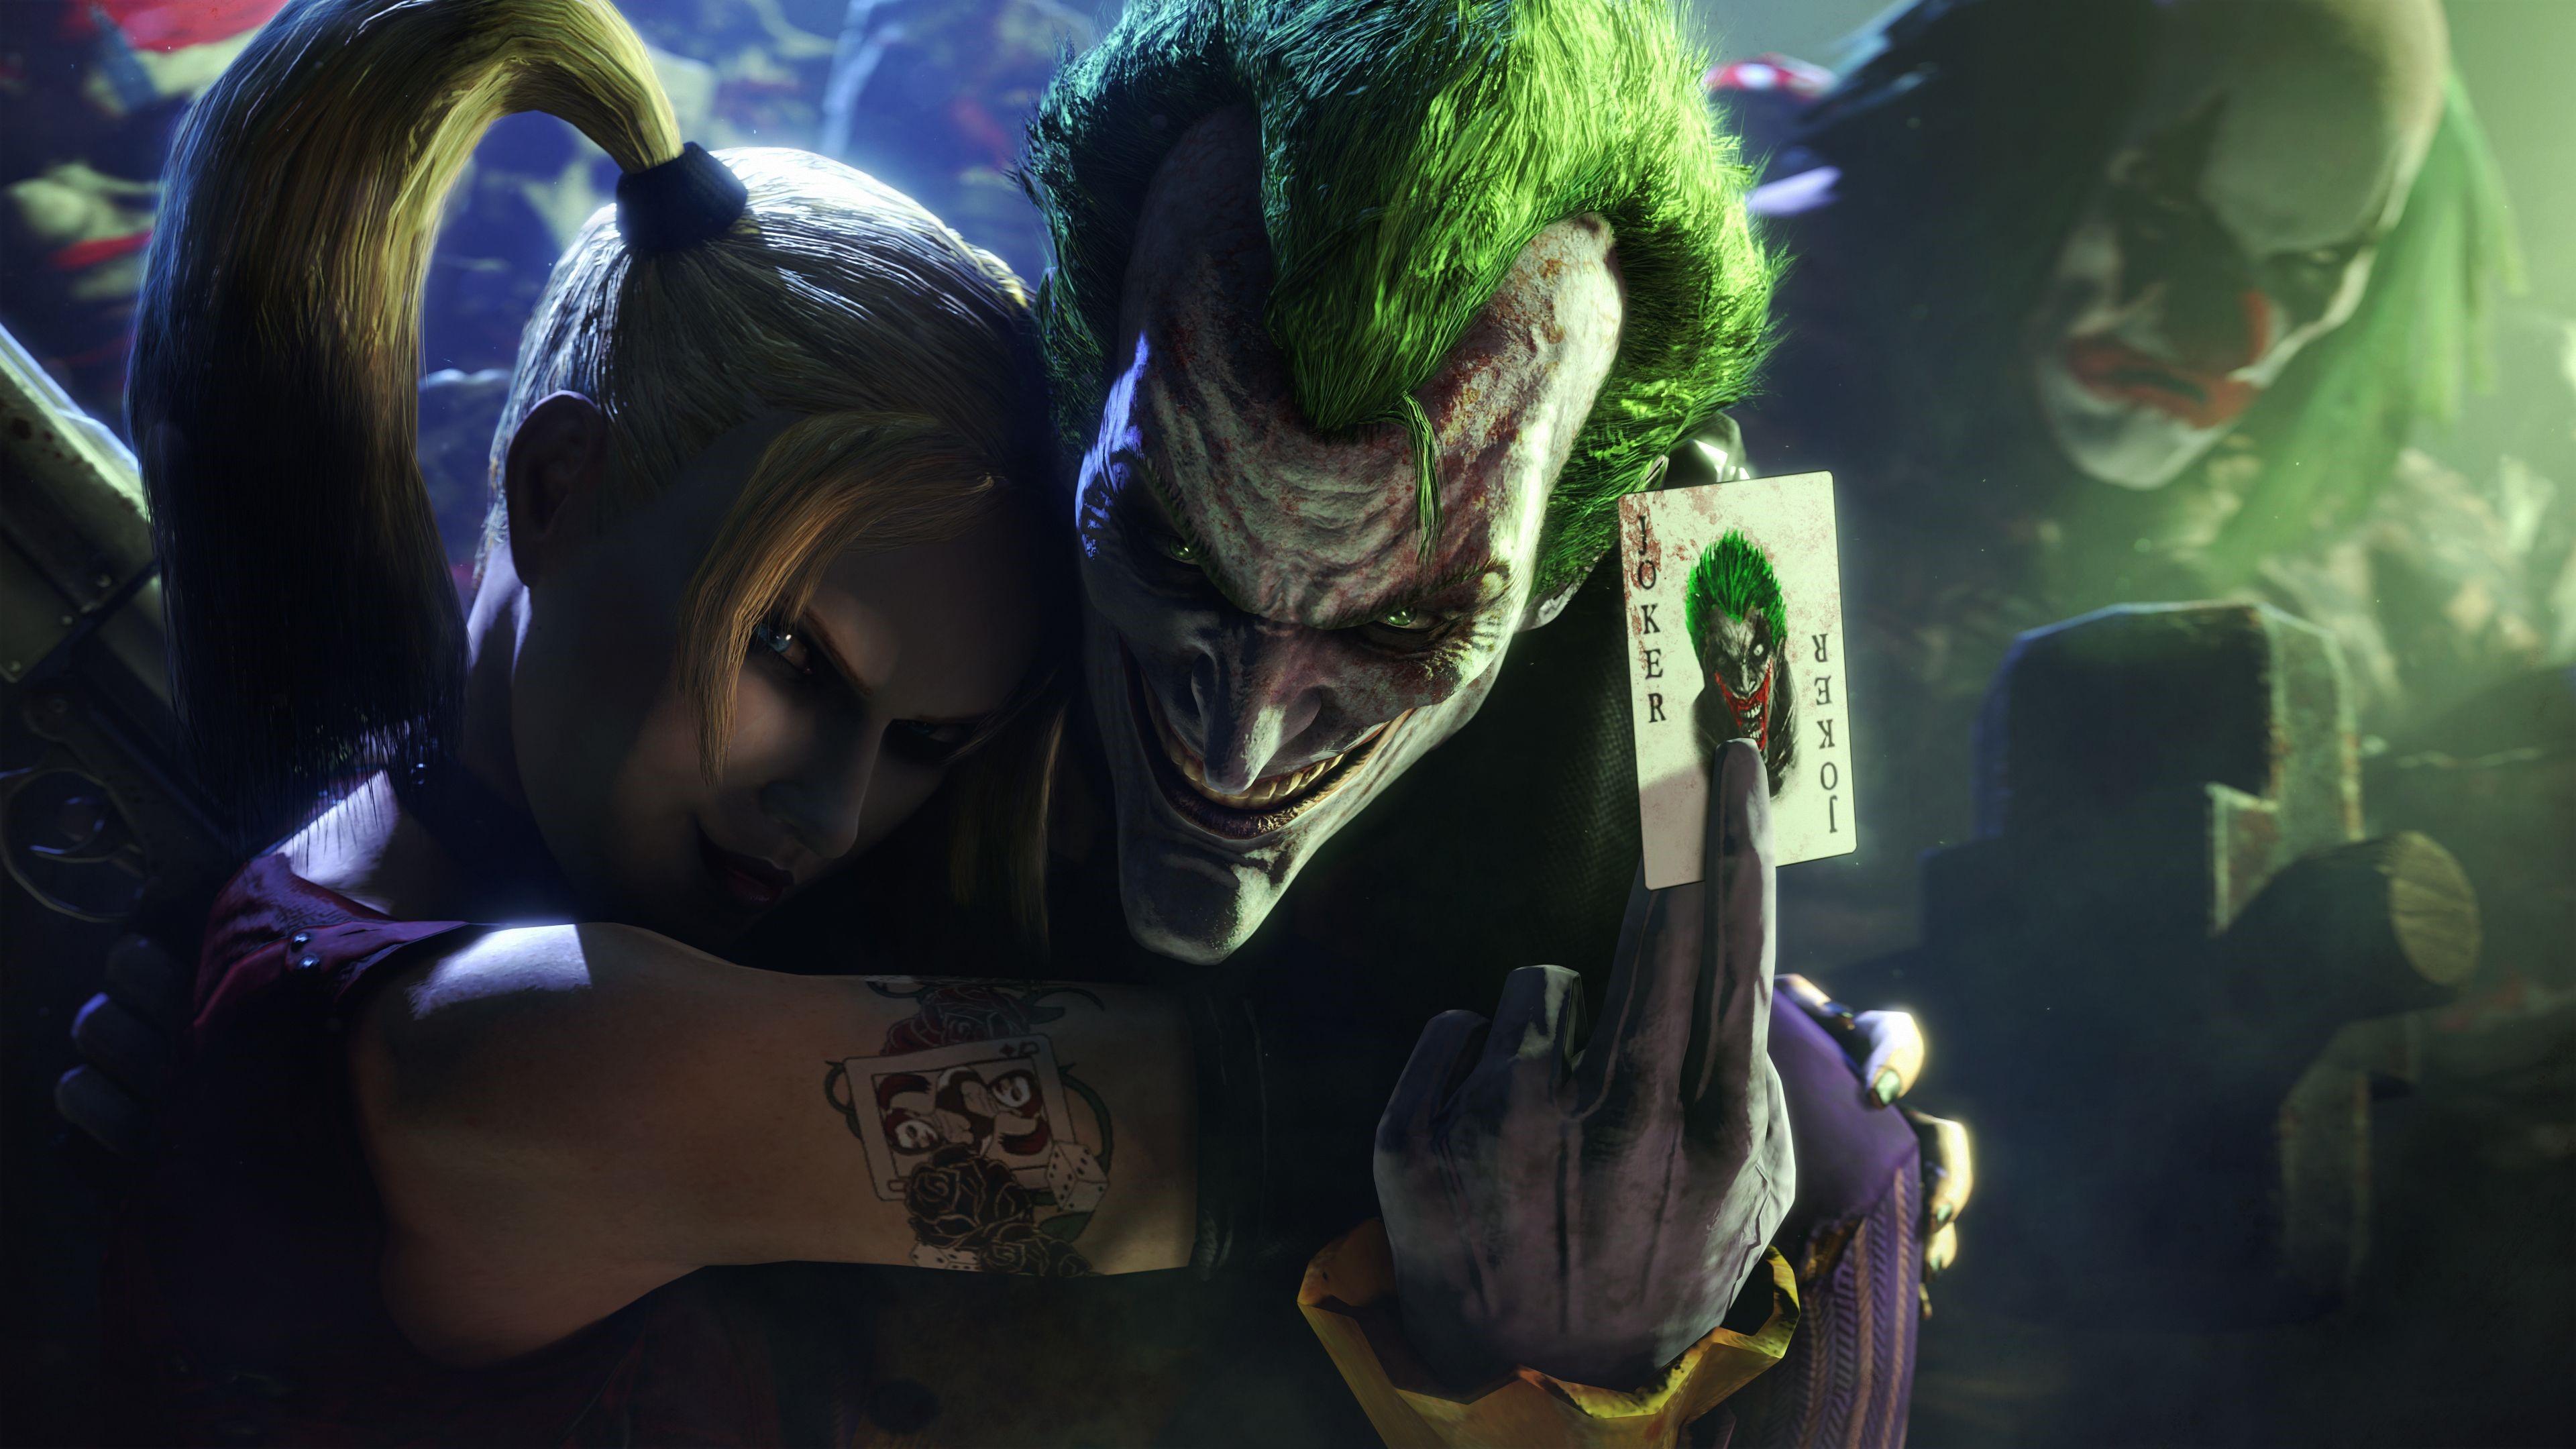 Joker Pictures